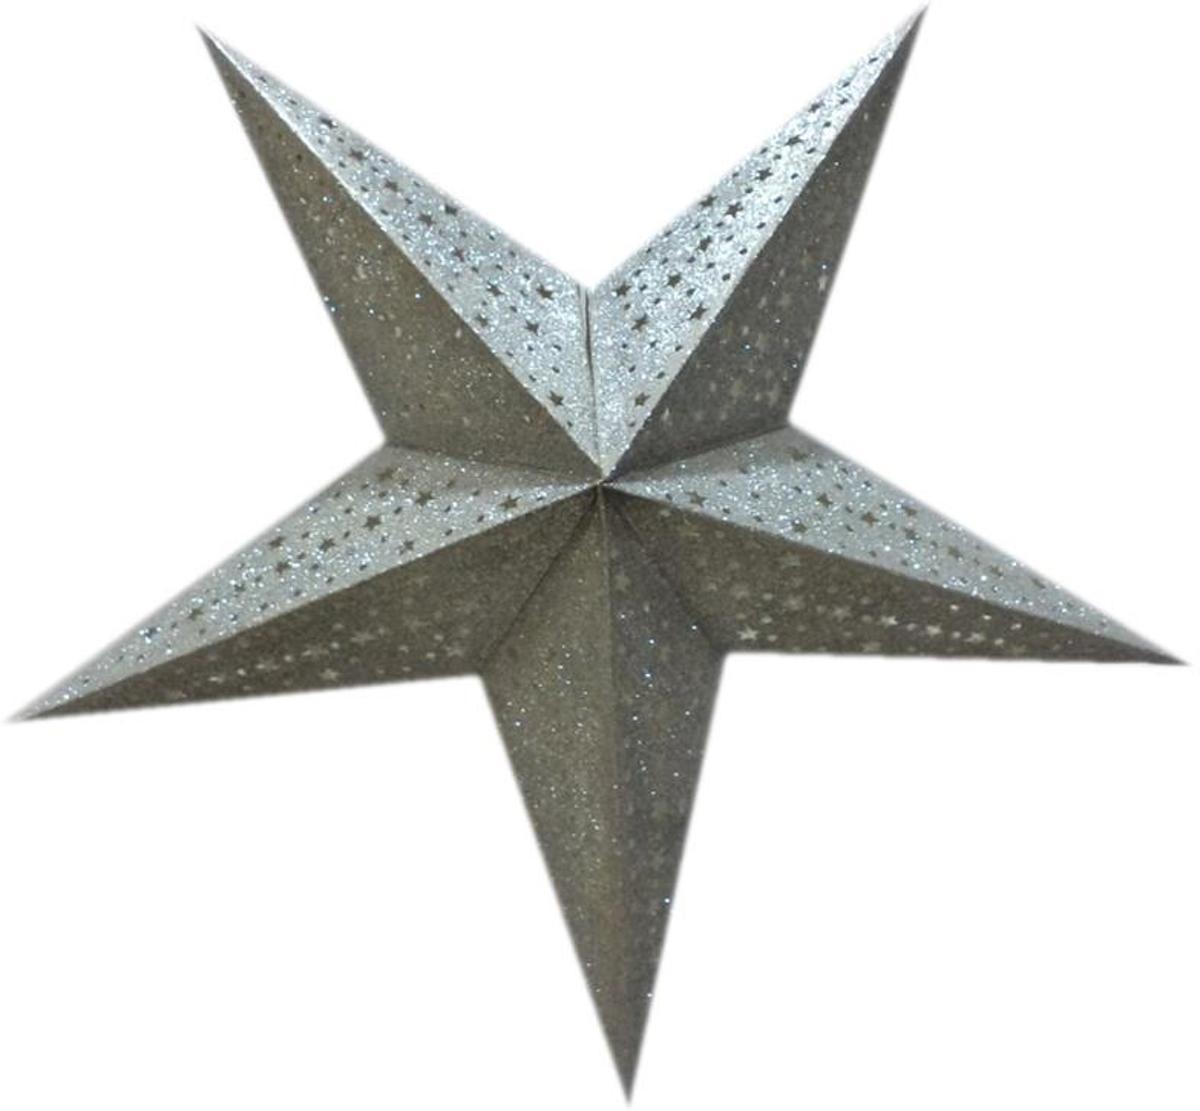 kerstster - luxe papieren uitvoering - zilver met glitter - 45 cm - inclusief snoer en fitting kopen